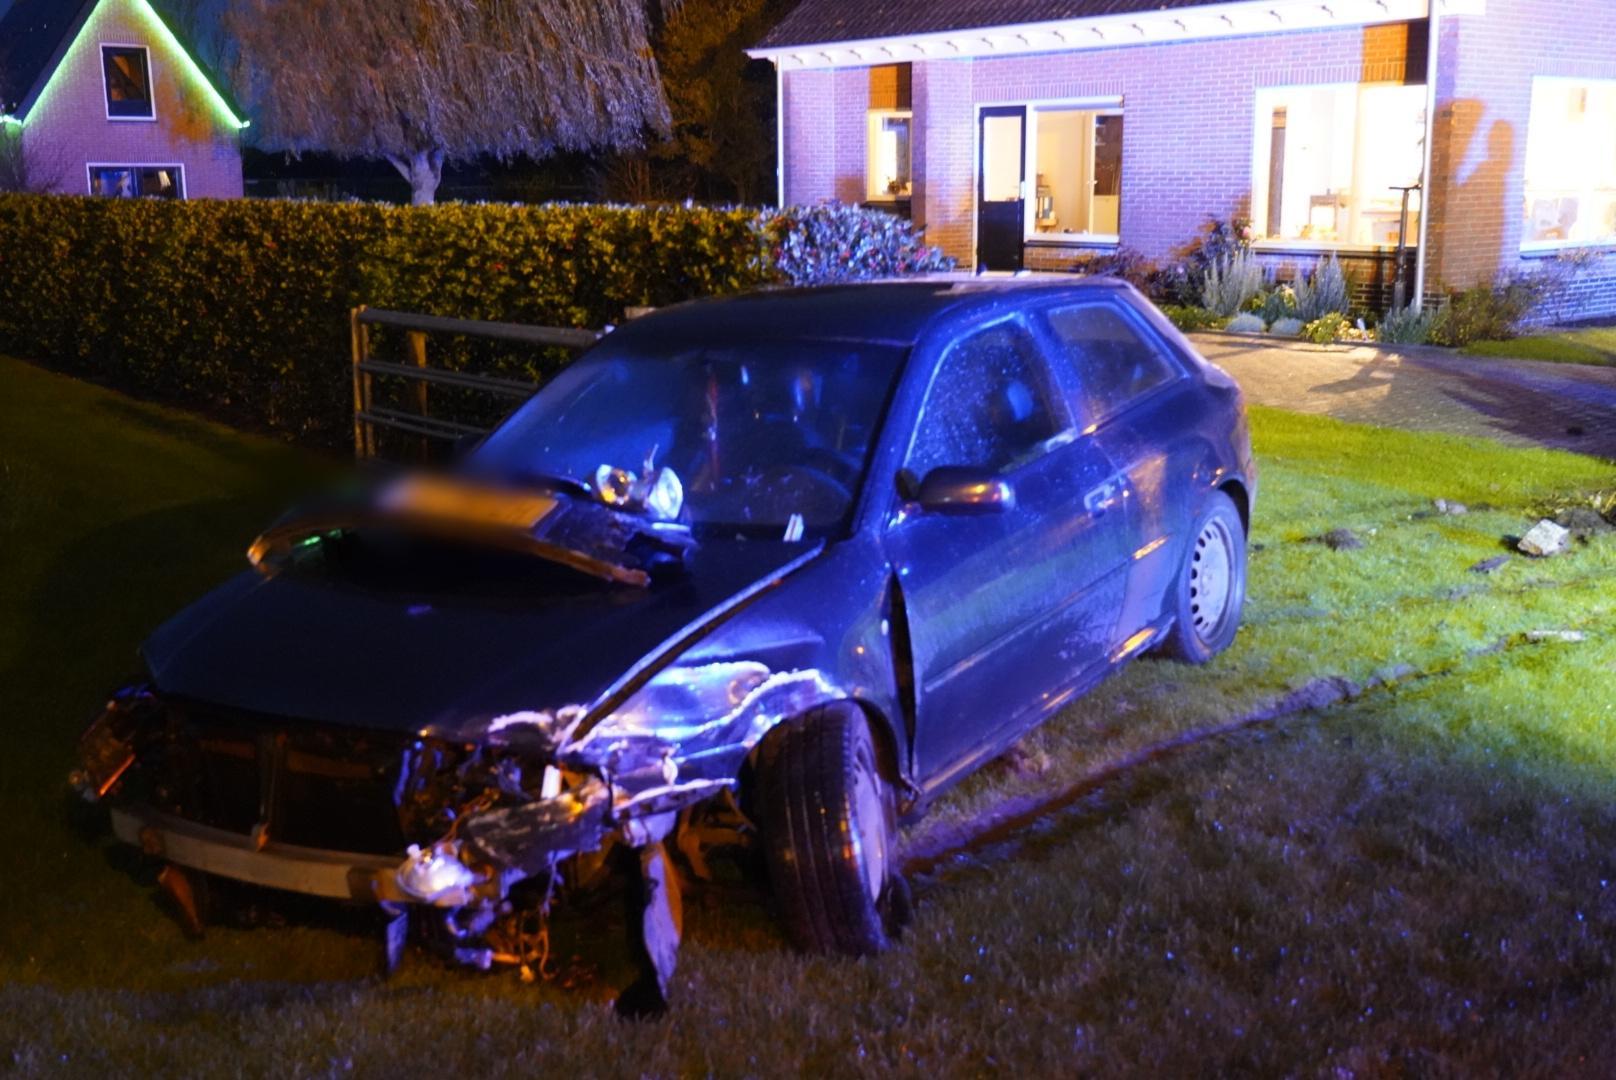 Automobilist gewond bij aanrijding in Sint Maartensbrug, politie doet onderzoek naar toedracht